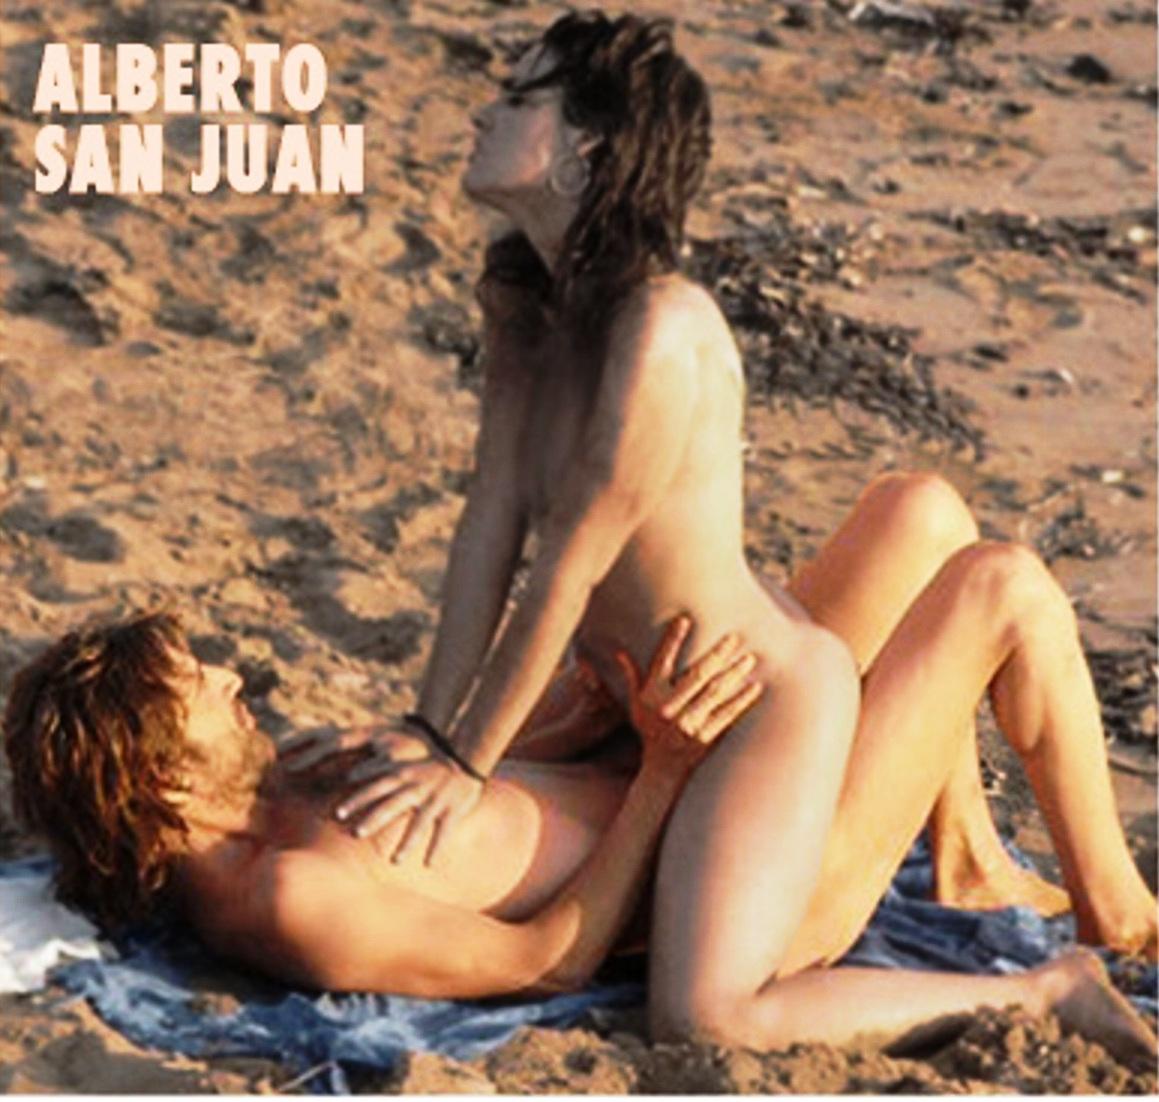 San Juan Sex 53